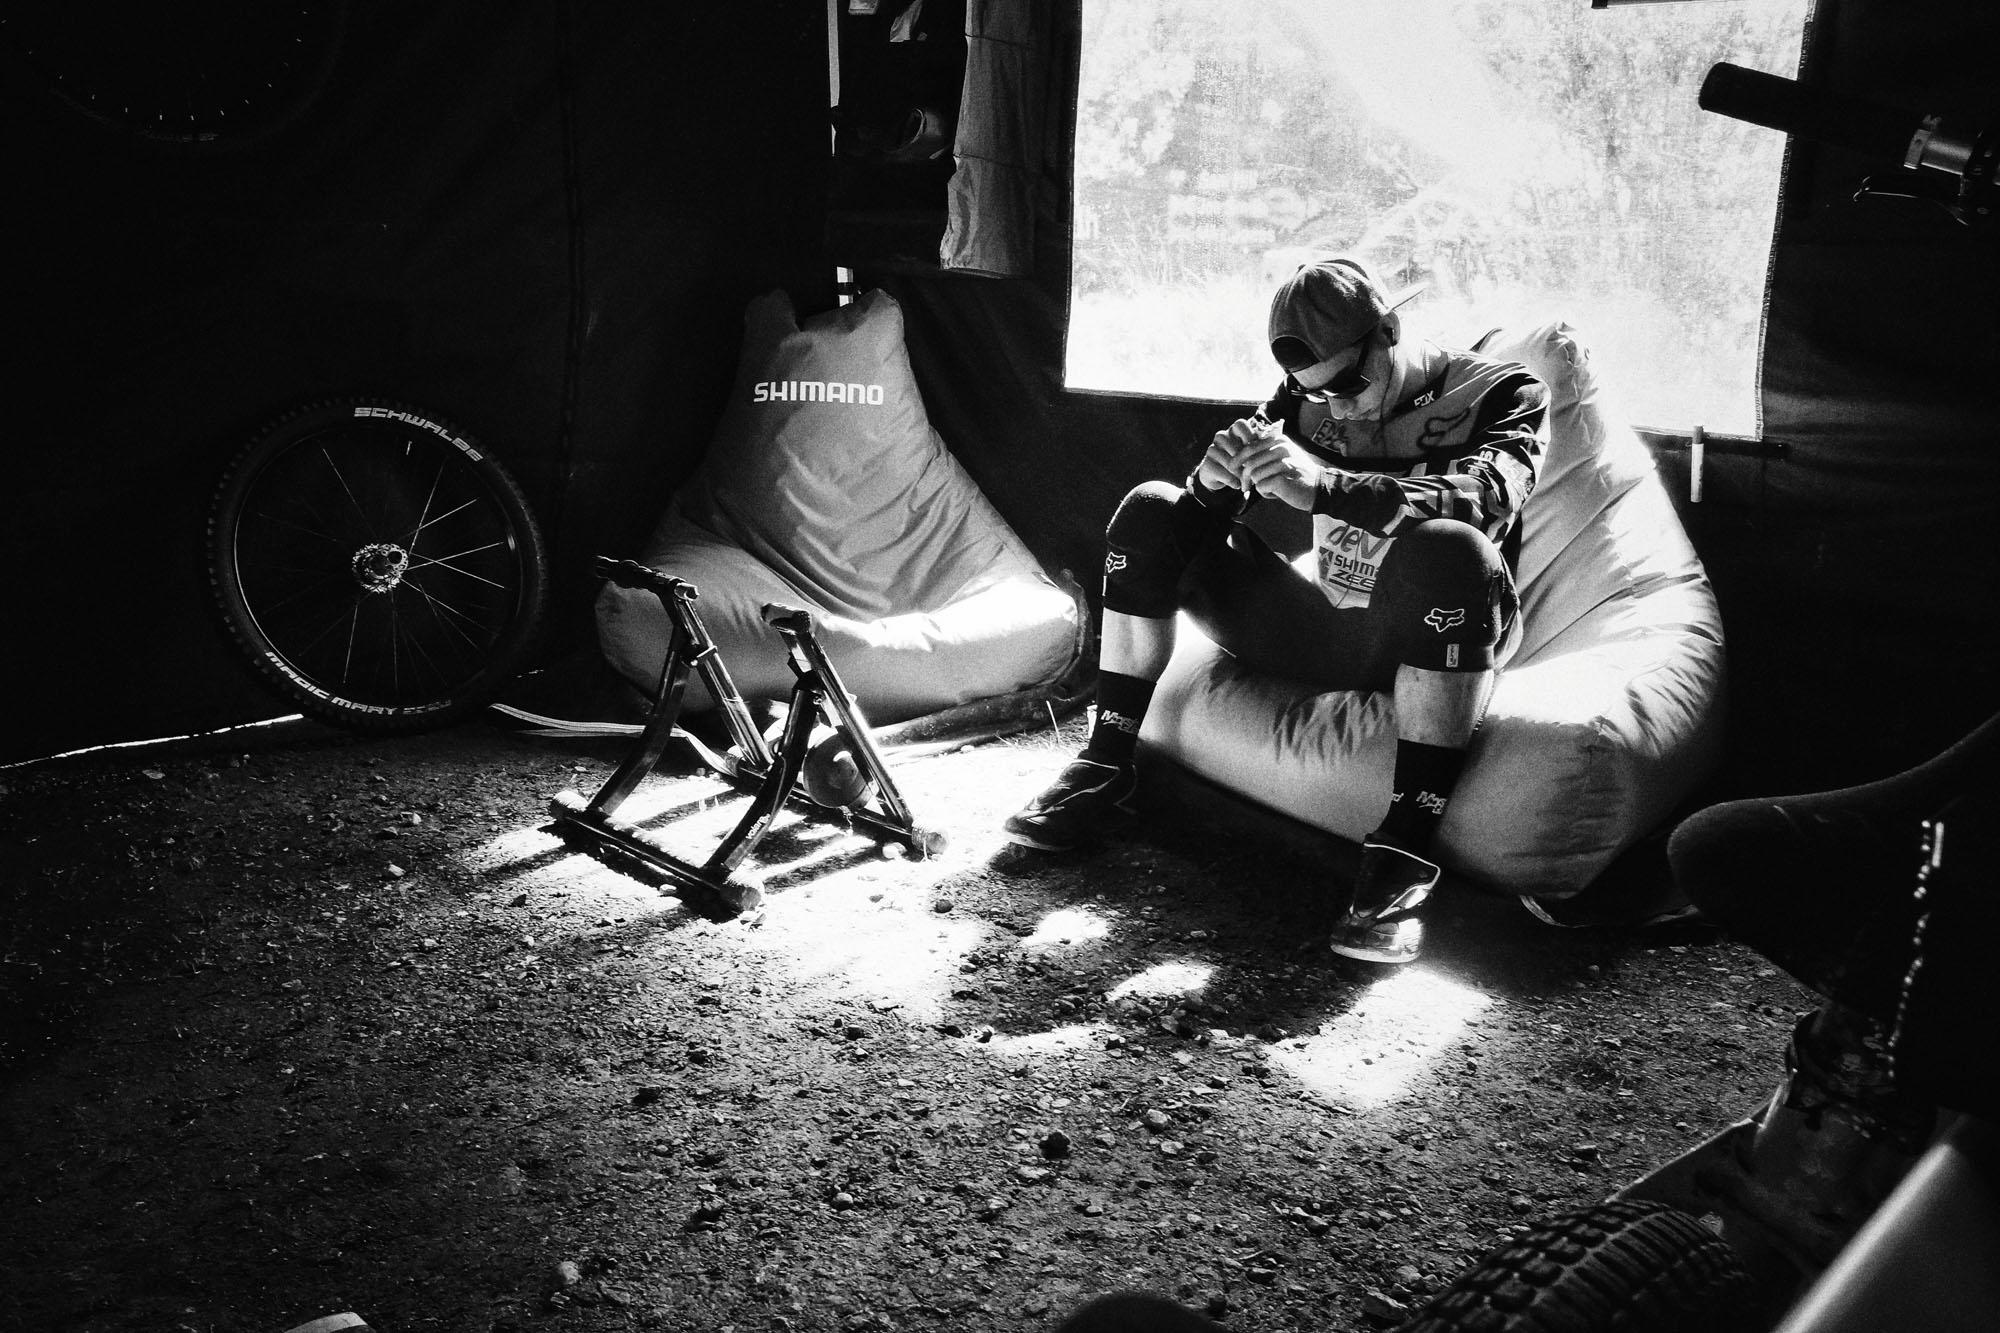 Neil kurz vor dem Rennen in Fort William 2014